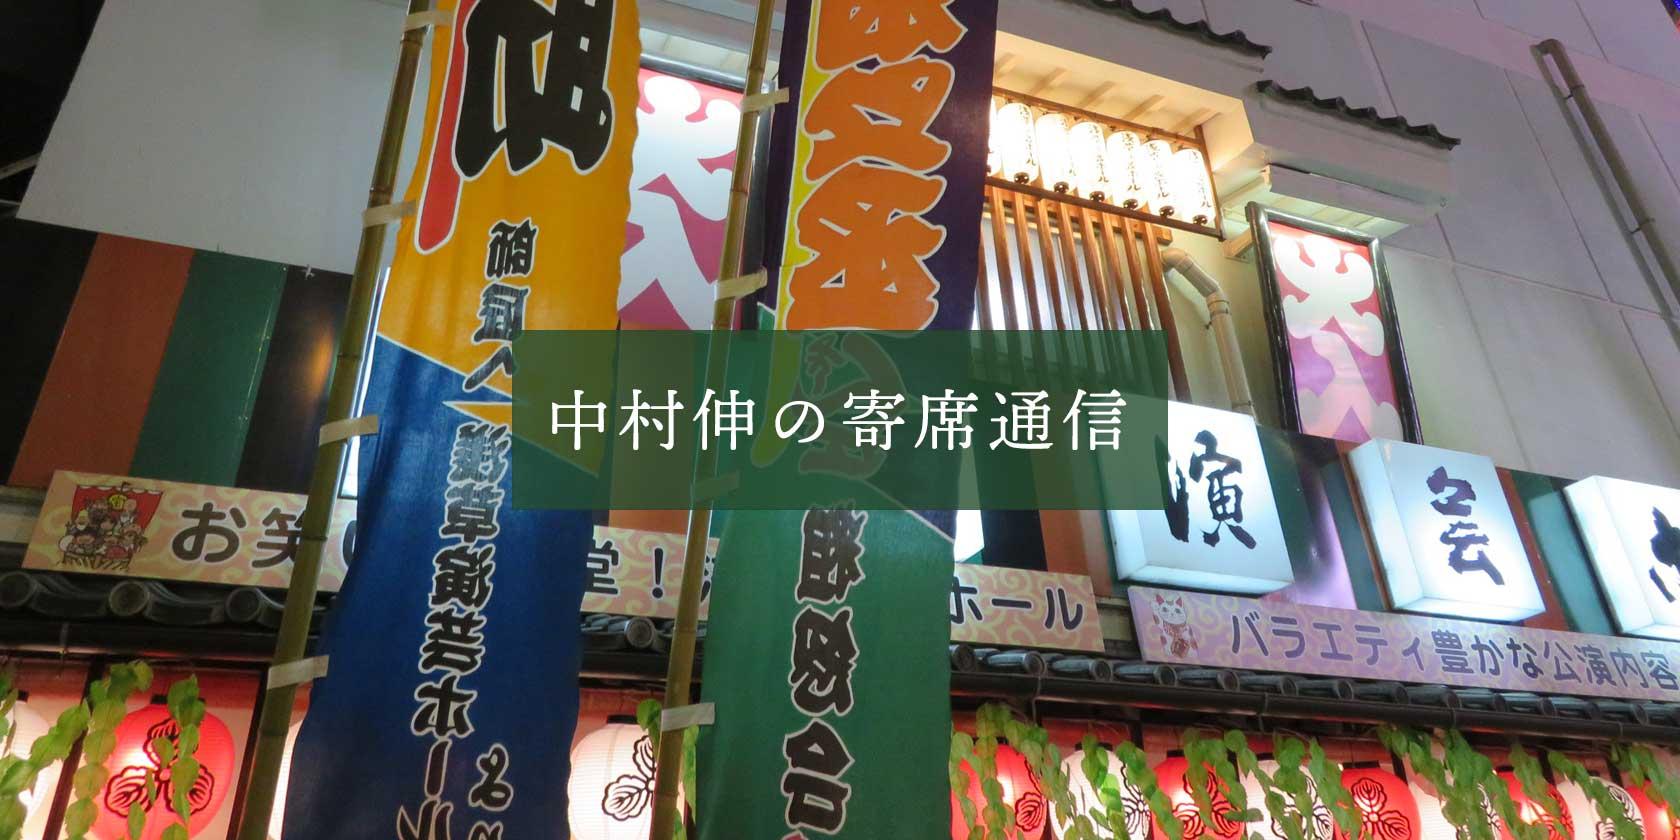 中村伸の寄席通信 | 三賢社のweb連載